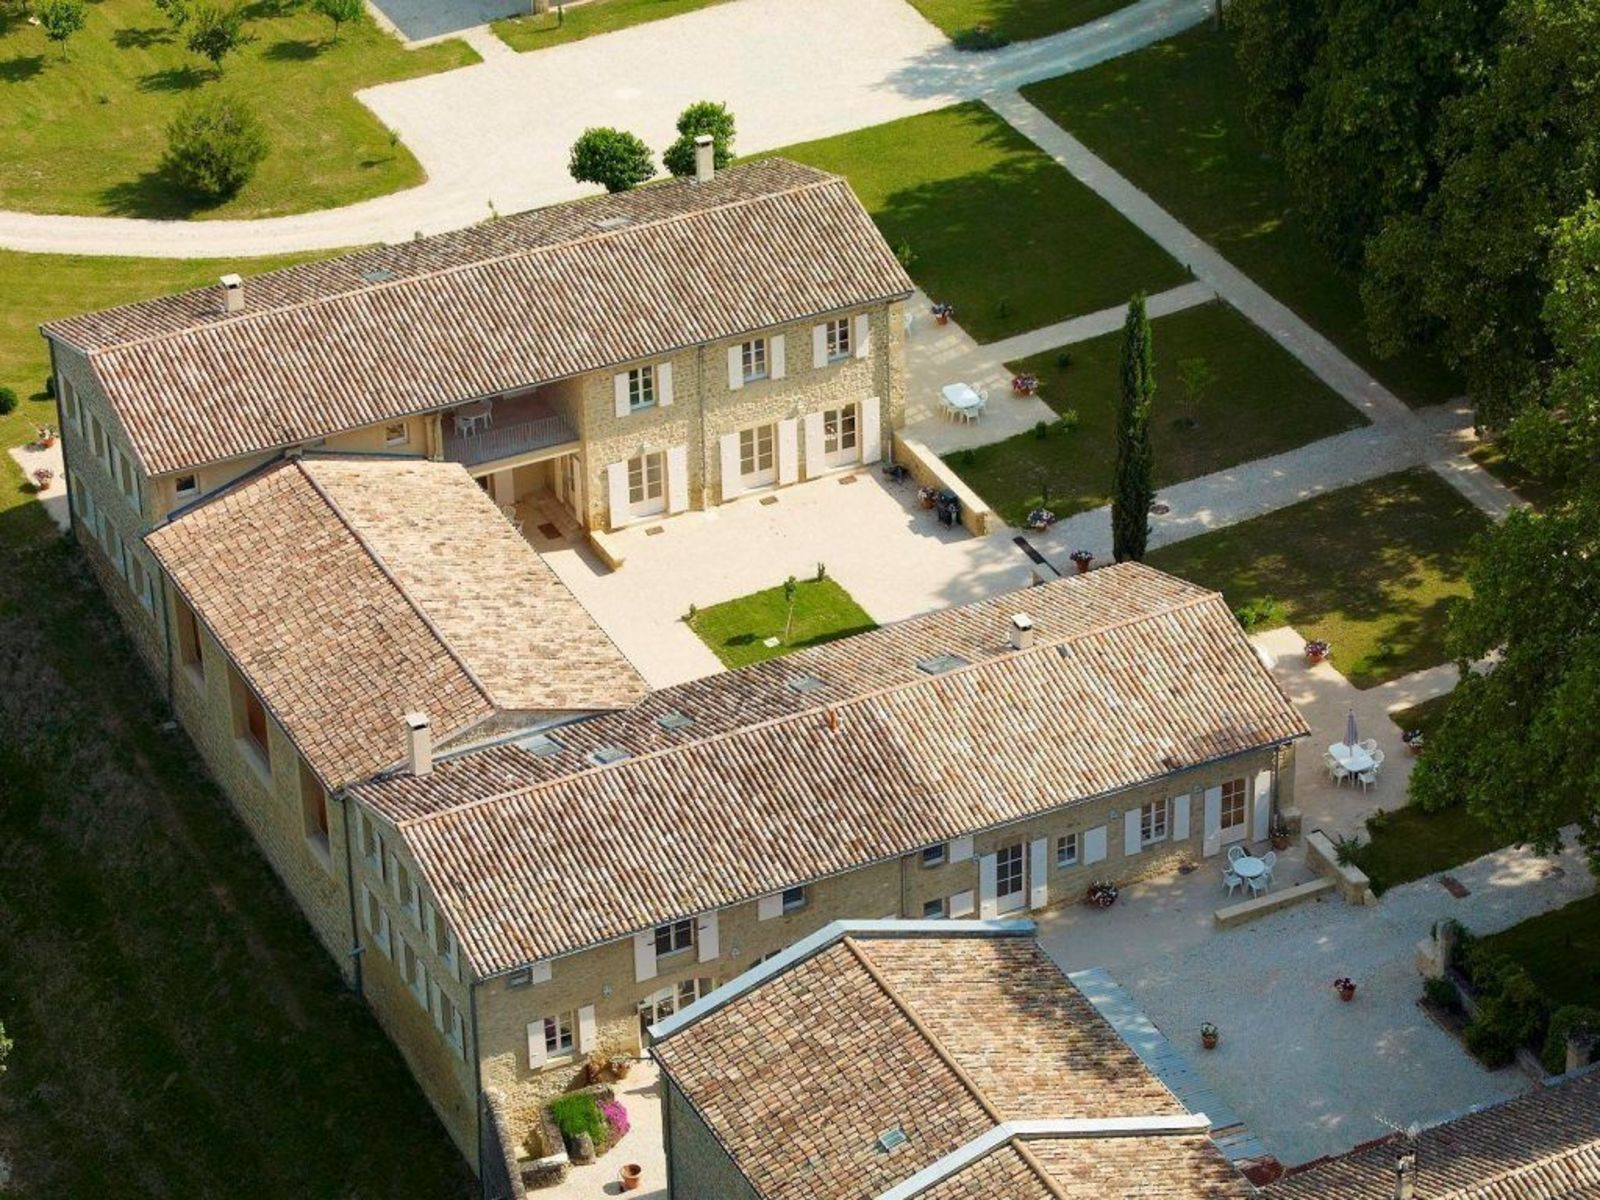 Domaine de Valence - La Forge vakantiehuis Frankrijk 8 personen